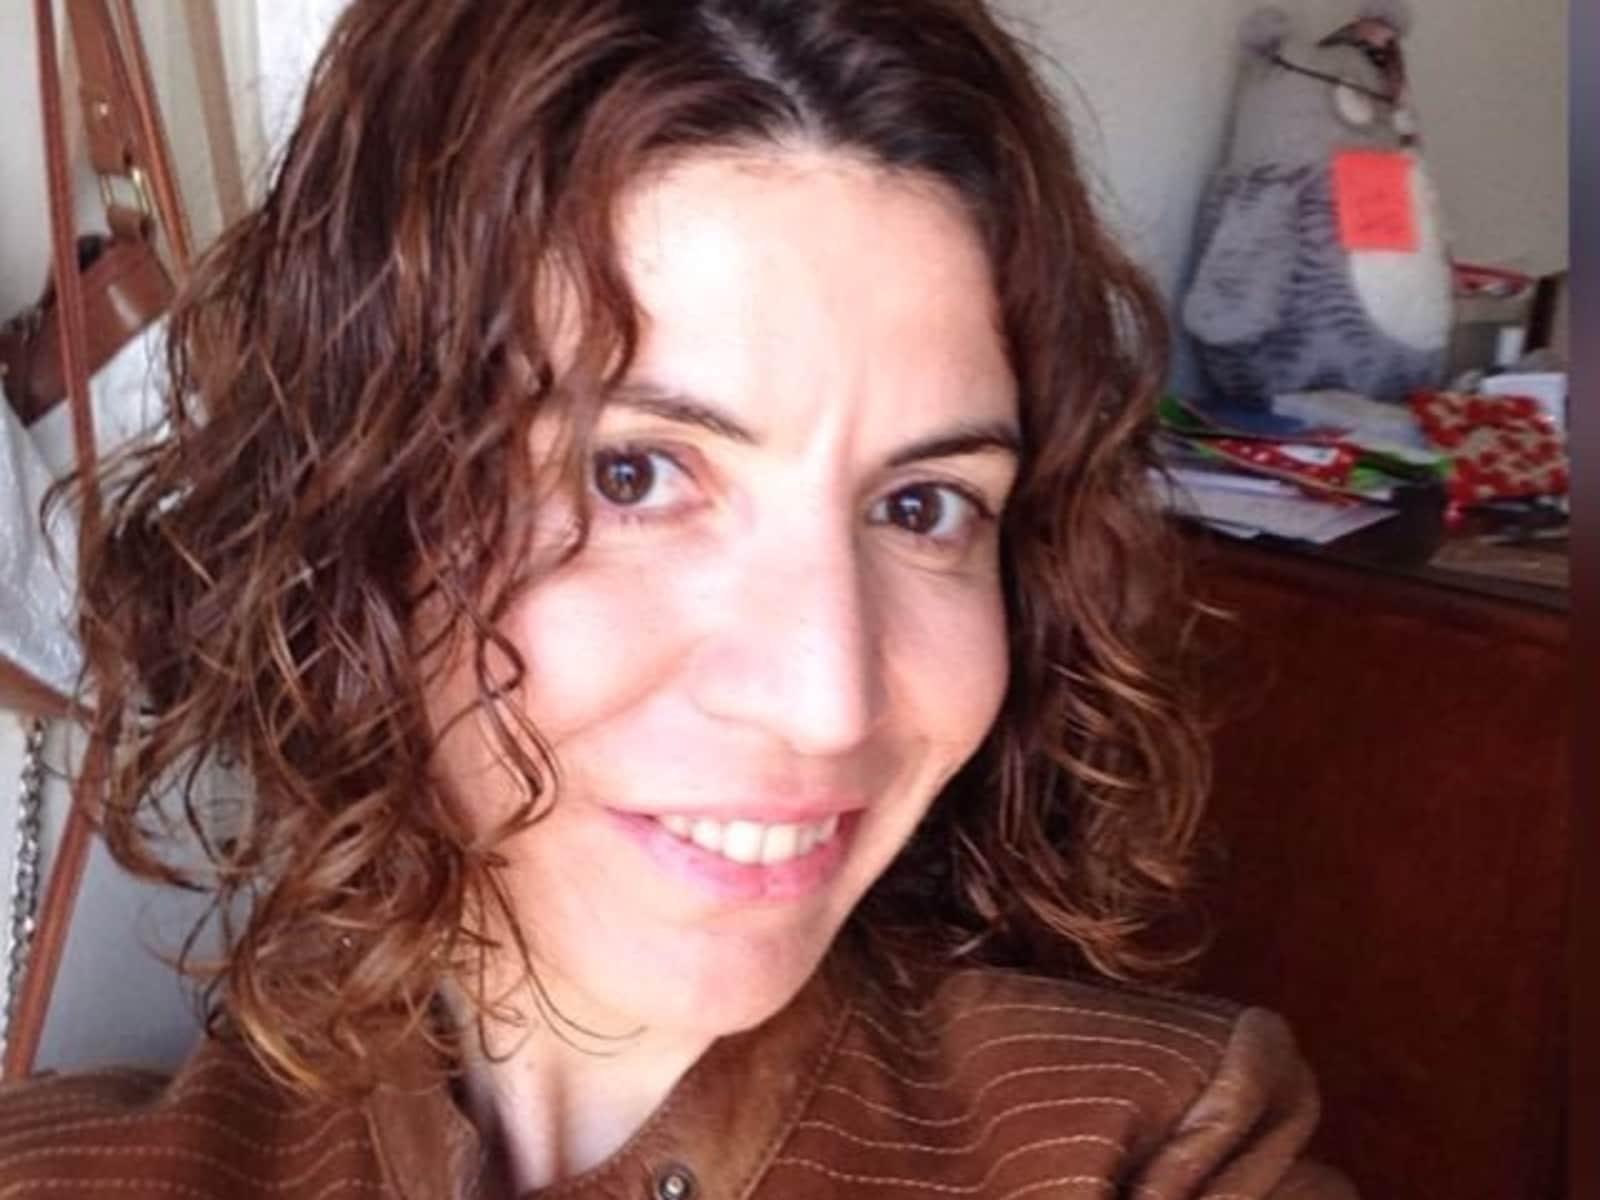 Deniz from Cleveland, Ohio, United States